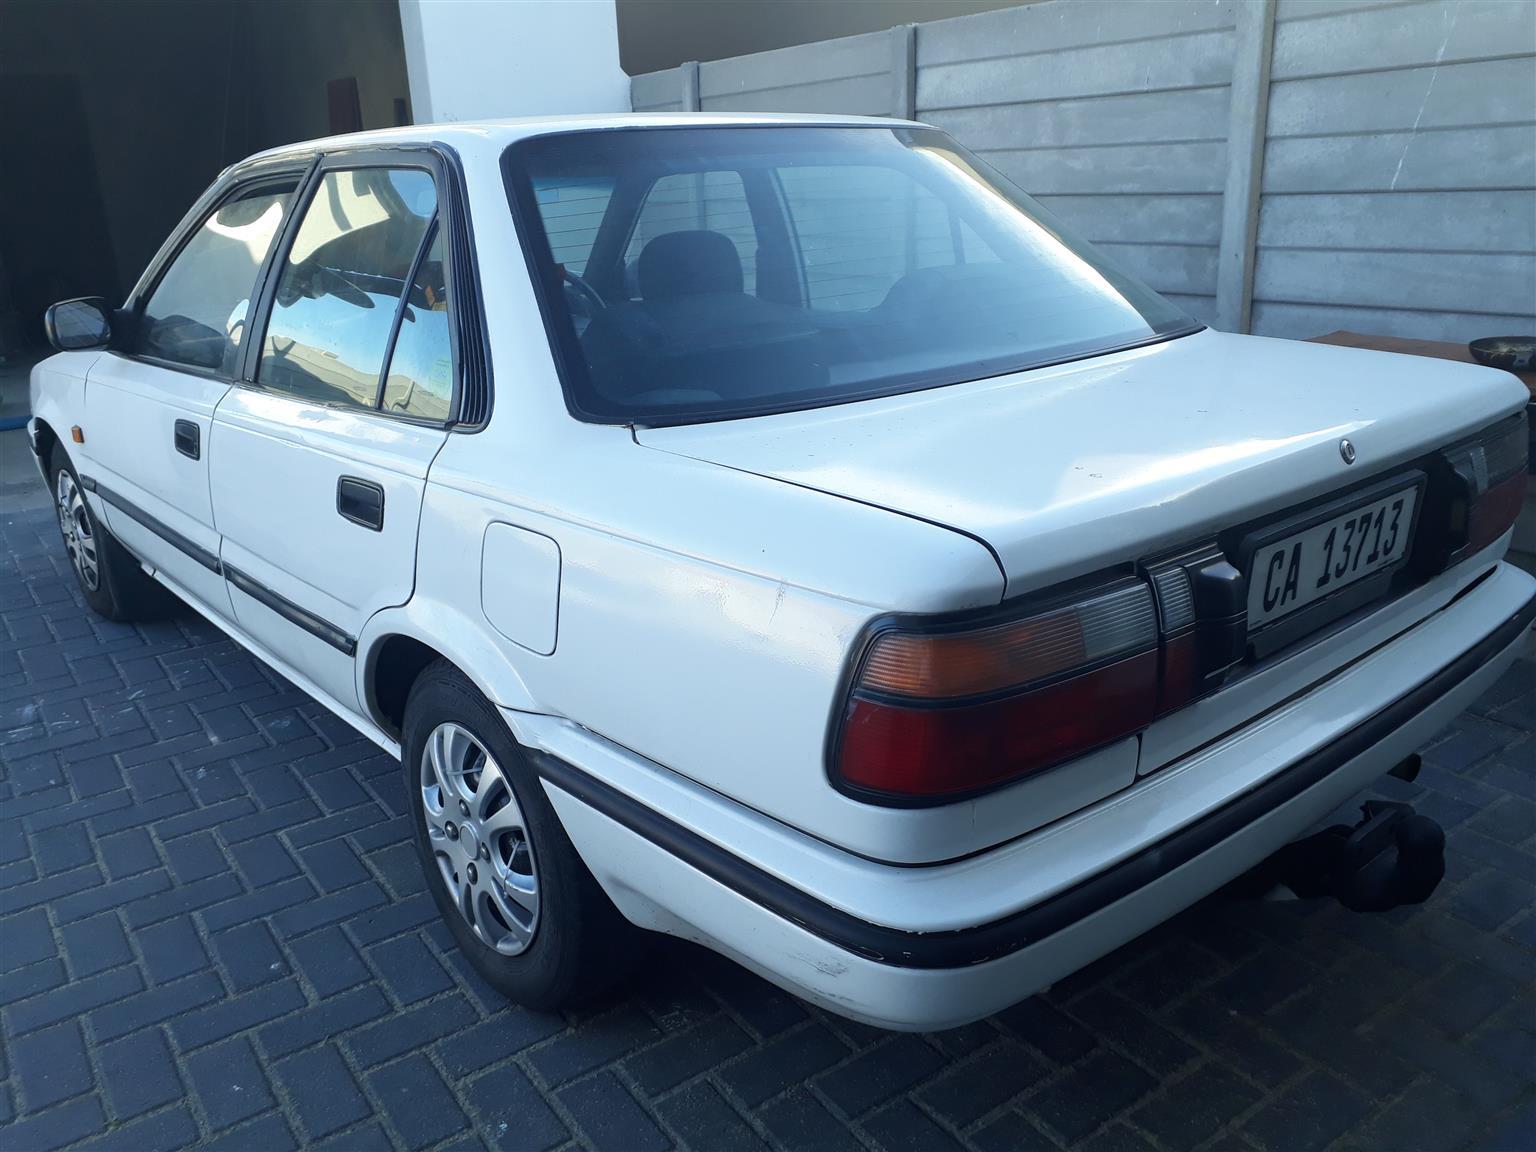 1995 Toyota Corolla 160i GLE automatic